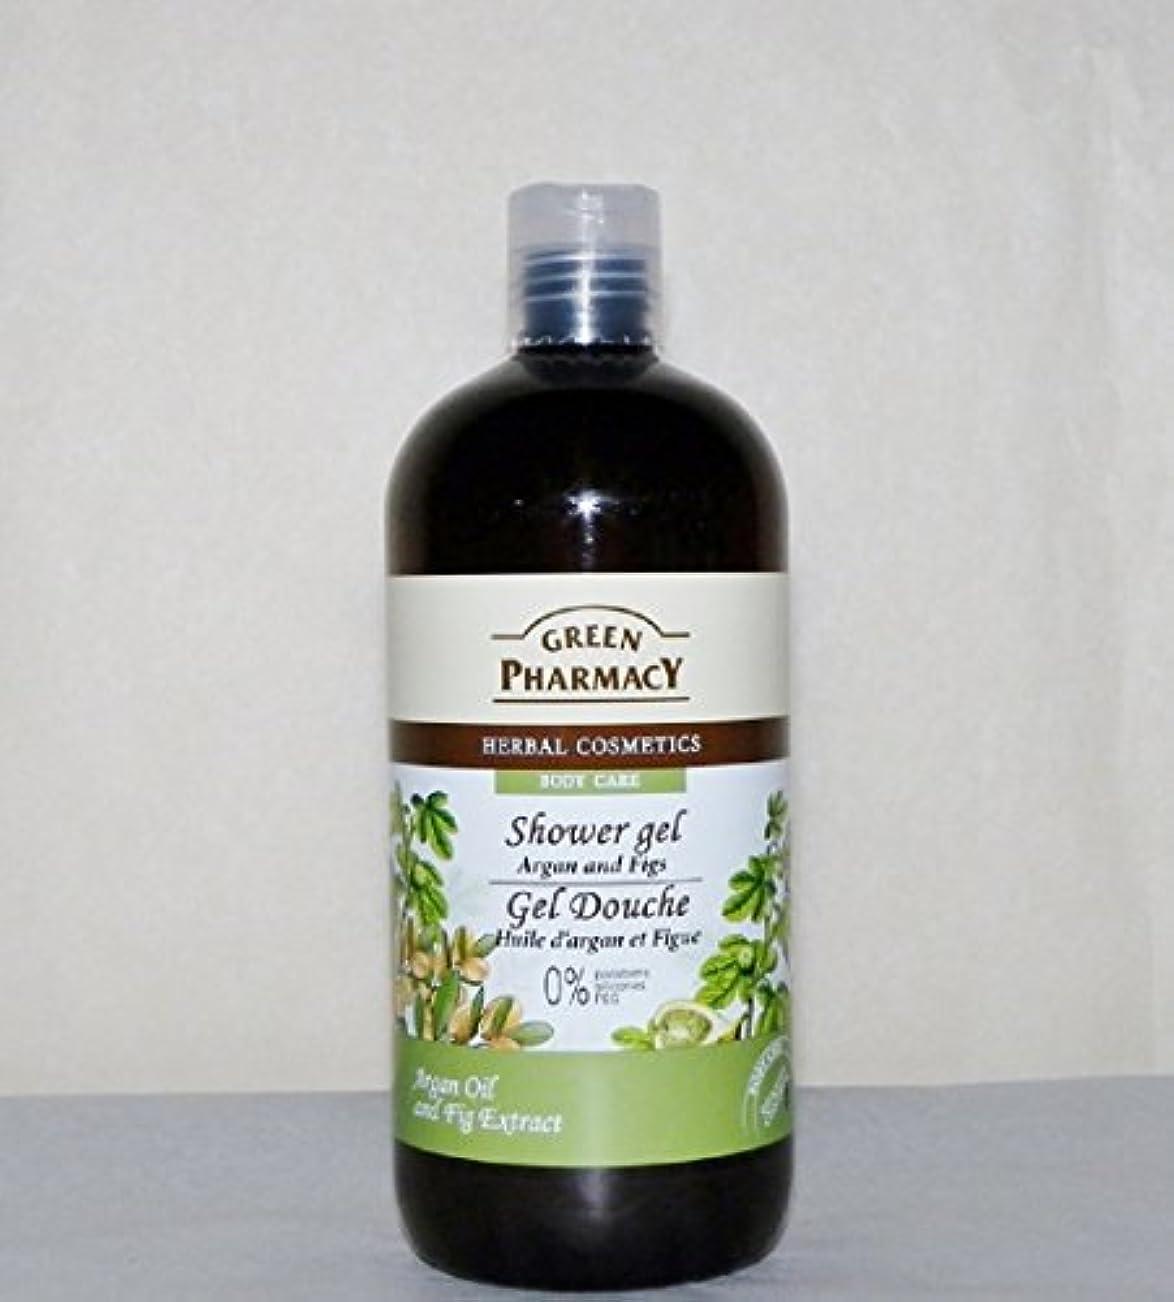 天確執芸術Elfa Pharm Green Pharmacy グリーンファーマシー Shower Gel シャワージェル Argan Oil&Figs